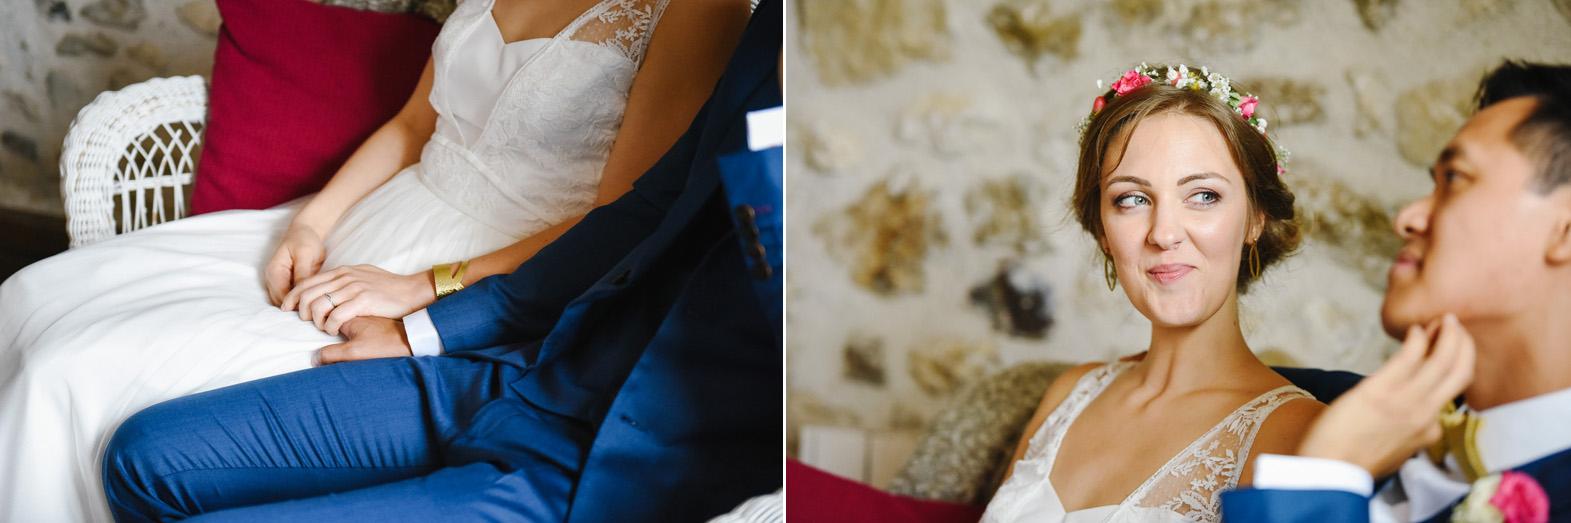 mariage_LW_domaine de la Pepiniere_seine-et-marne_77_photographie_clemence_dubois MEP17